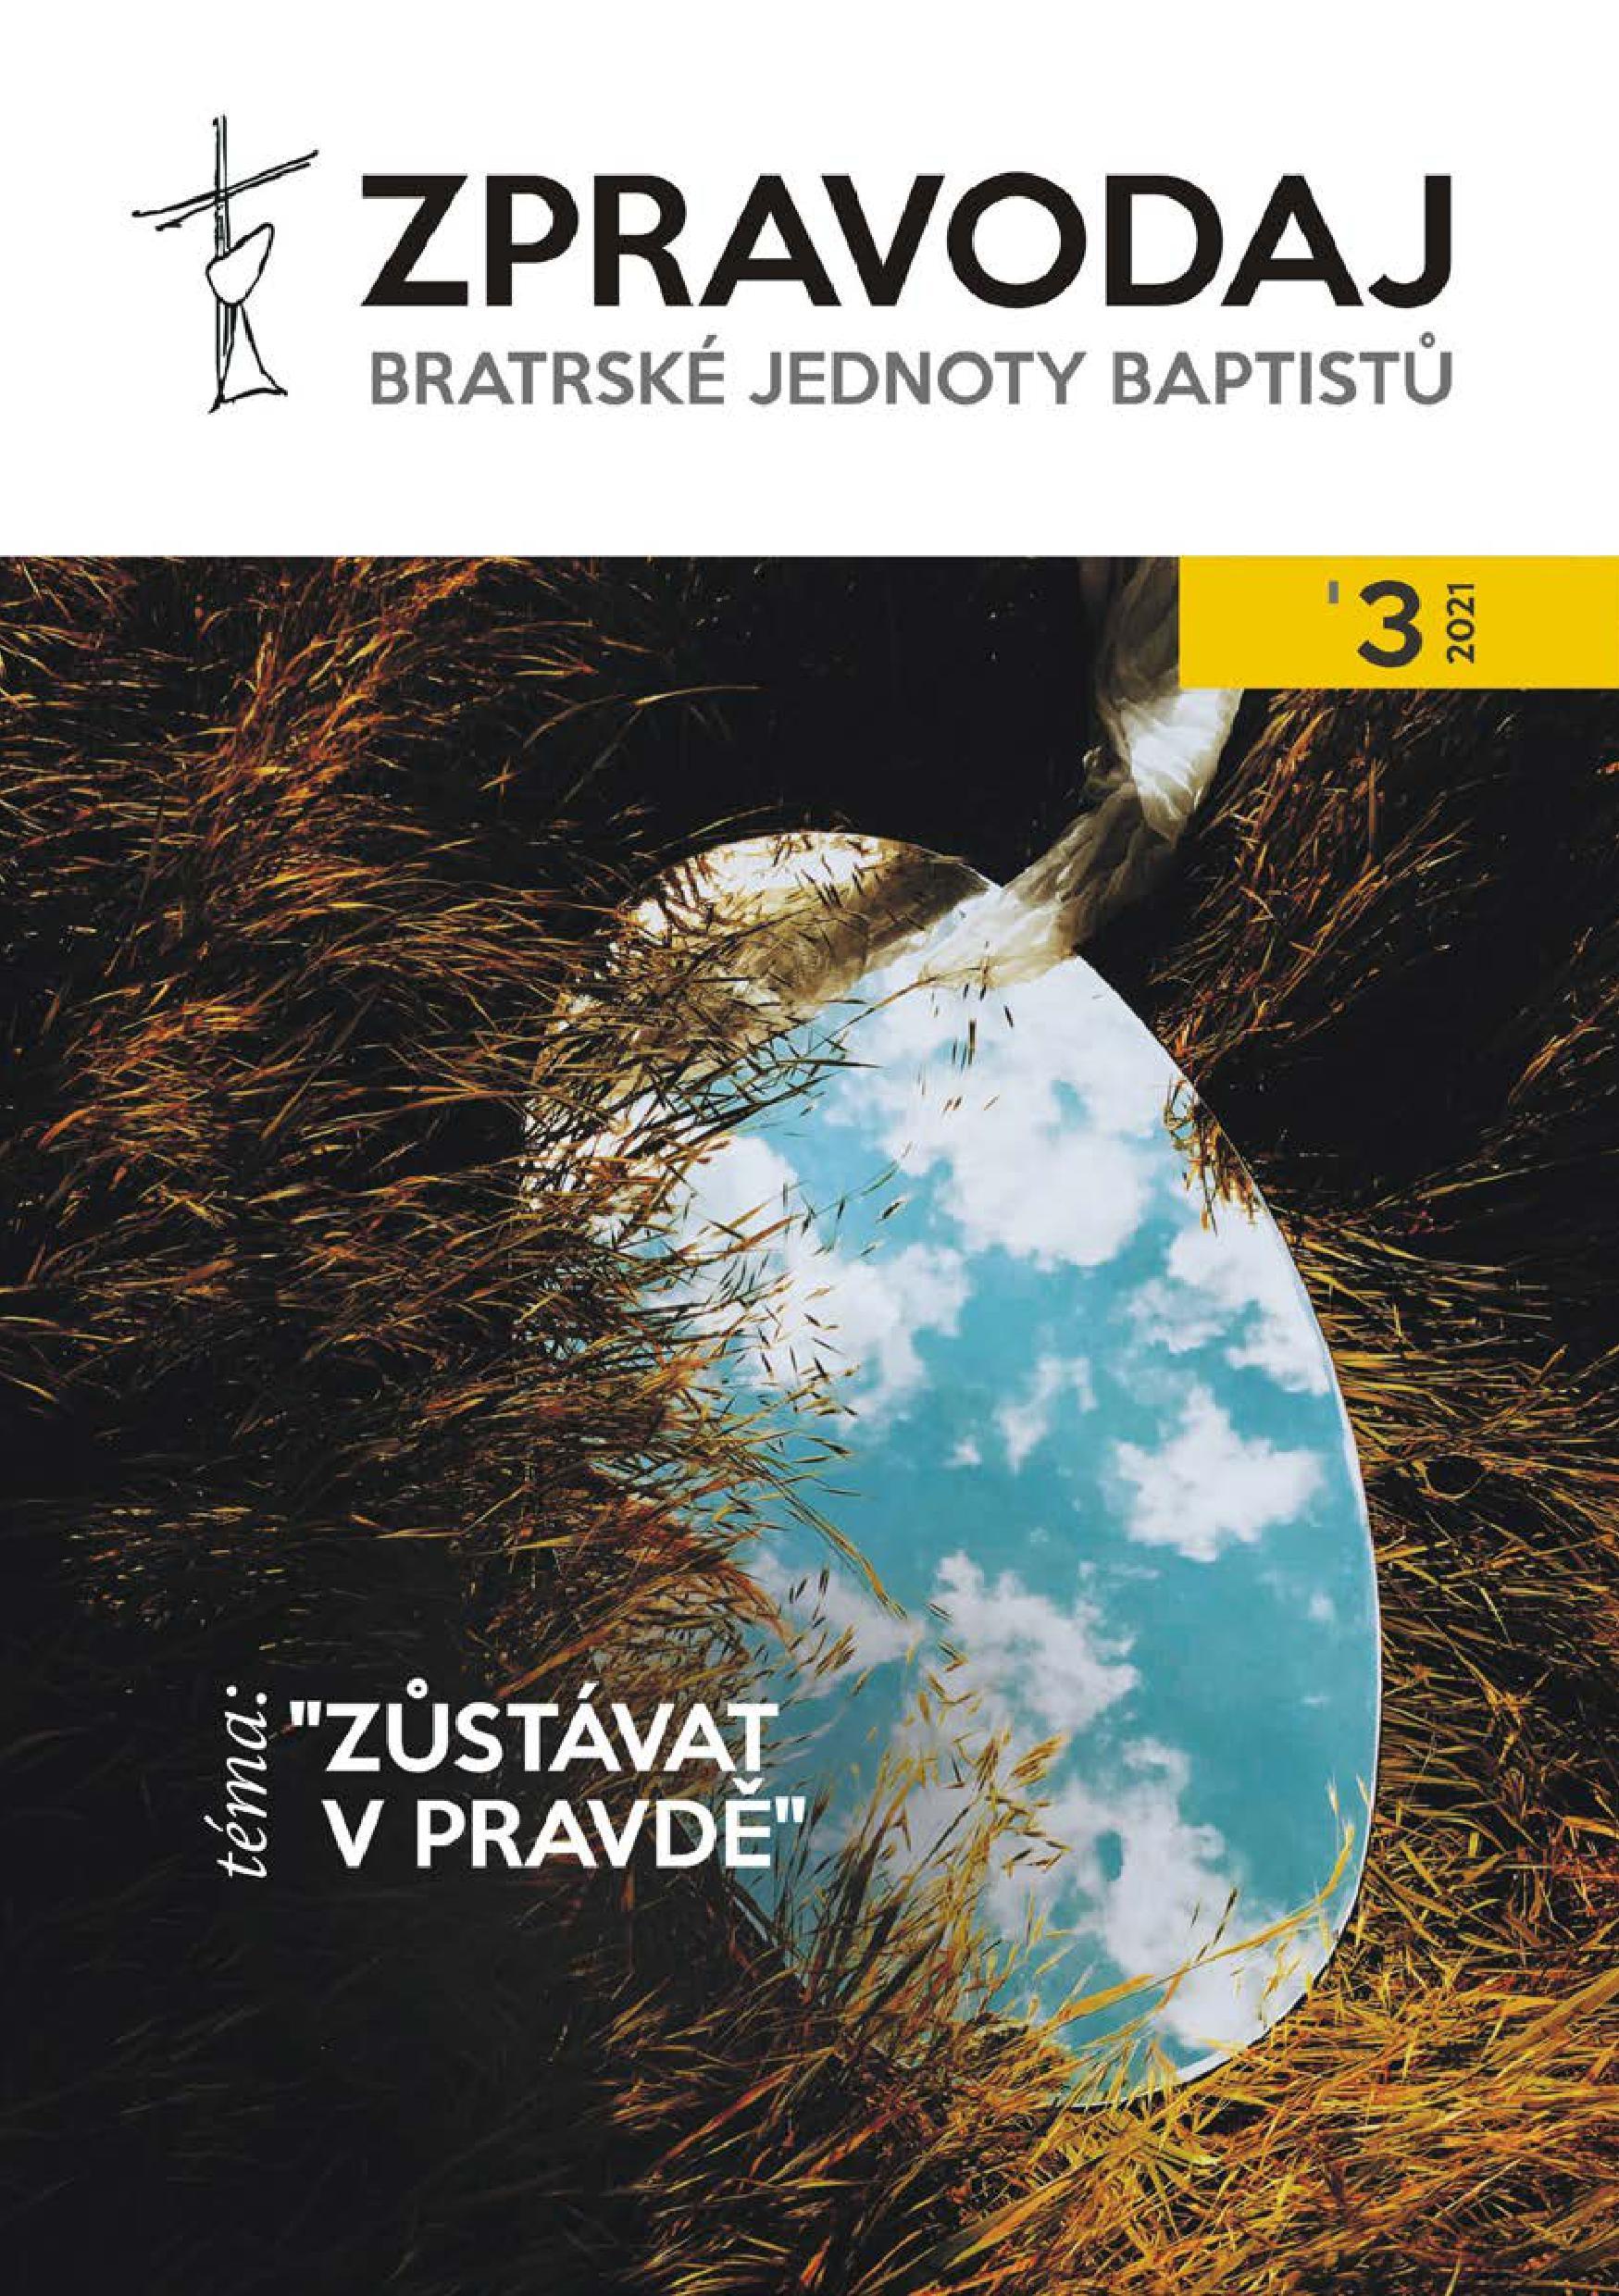 Zpravodaj BJB 03/21